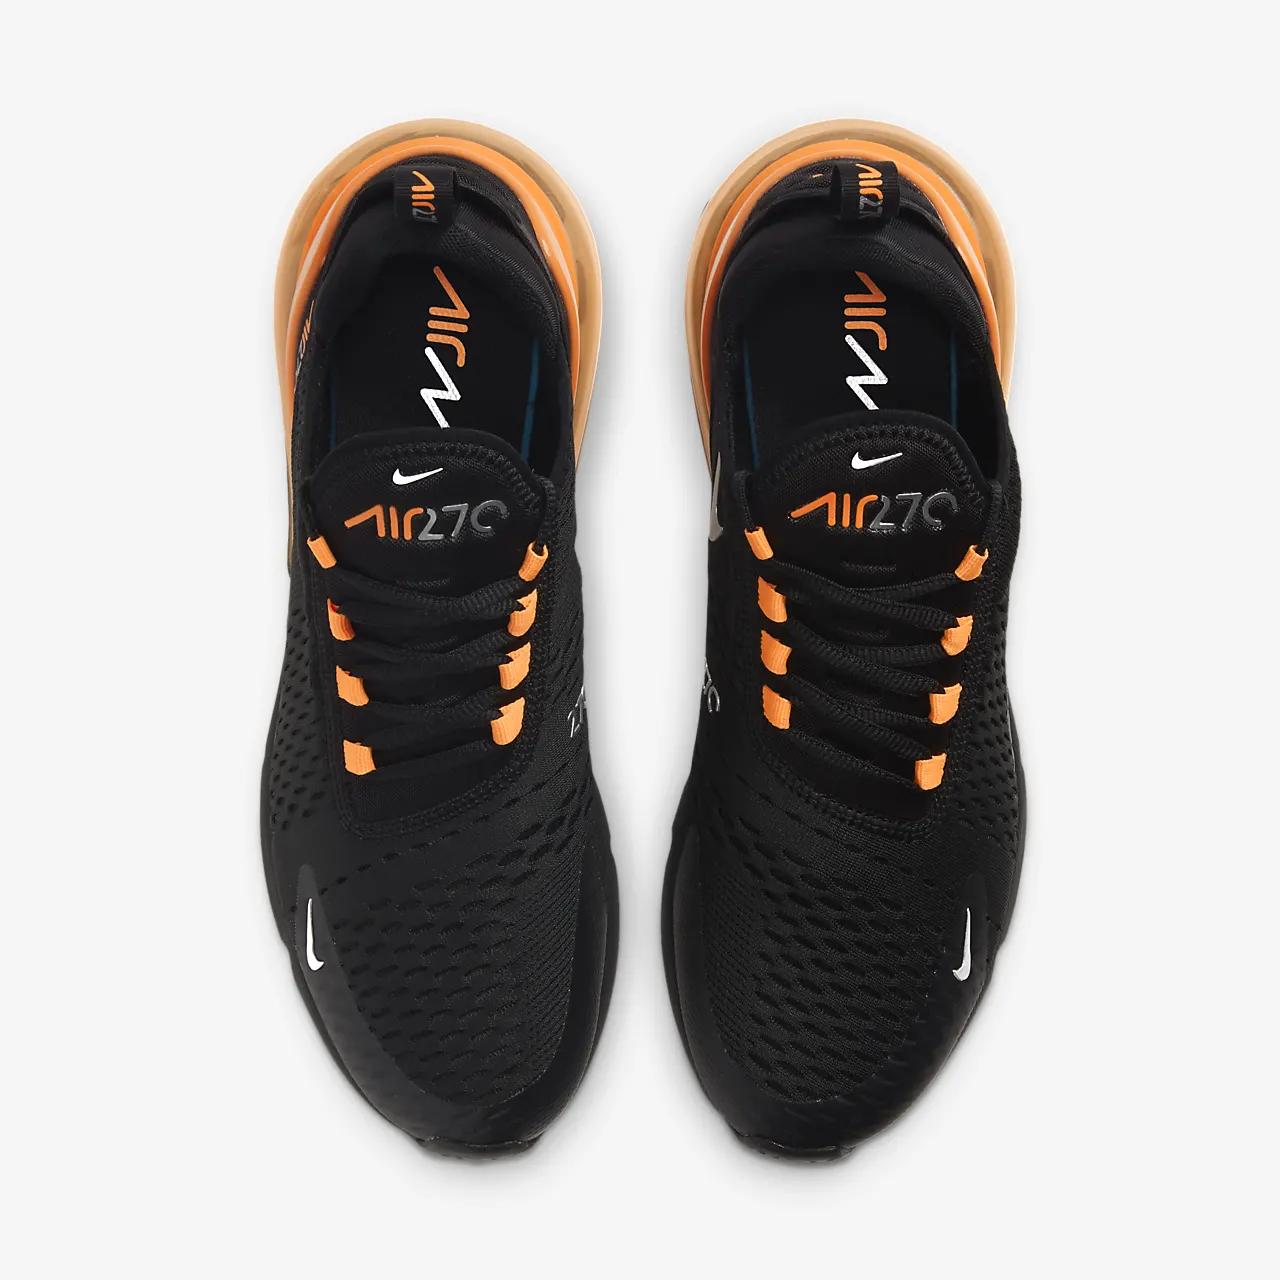 유럽직배송 나이키 NIKE Nike Air Max 270 Men's Shoe DC1938-001